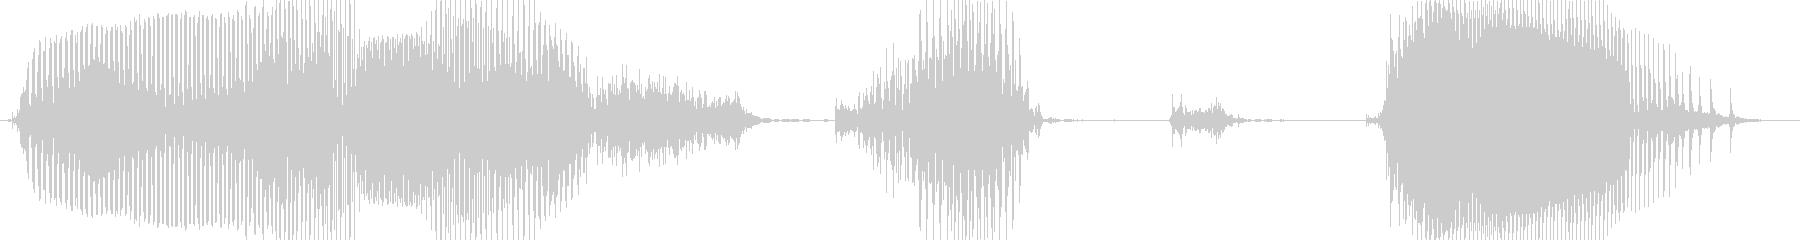 ボーナス確定!の未再生の波形